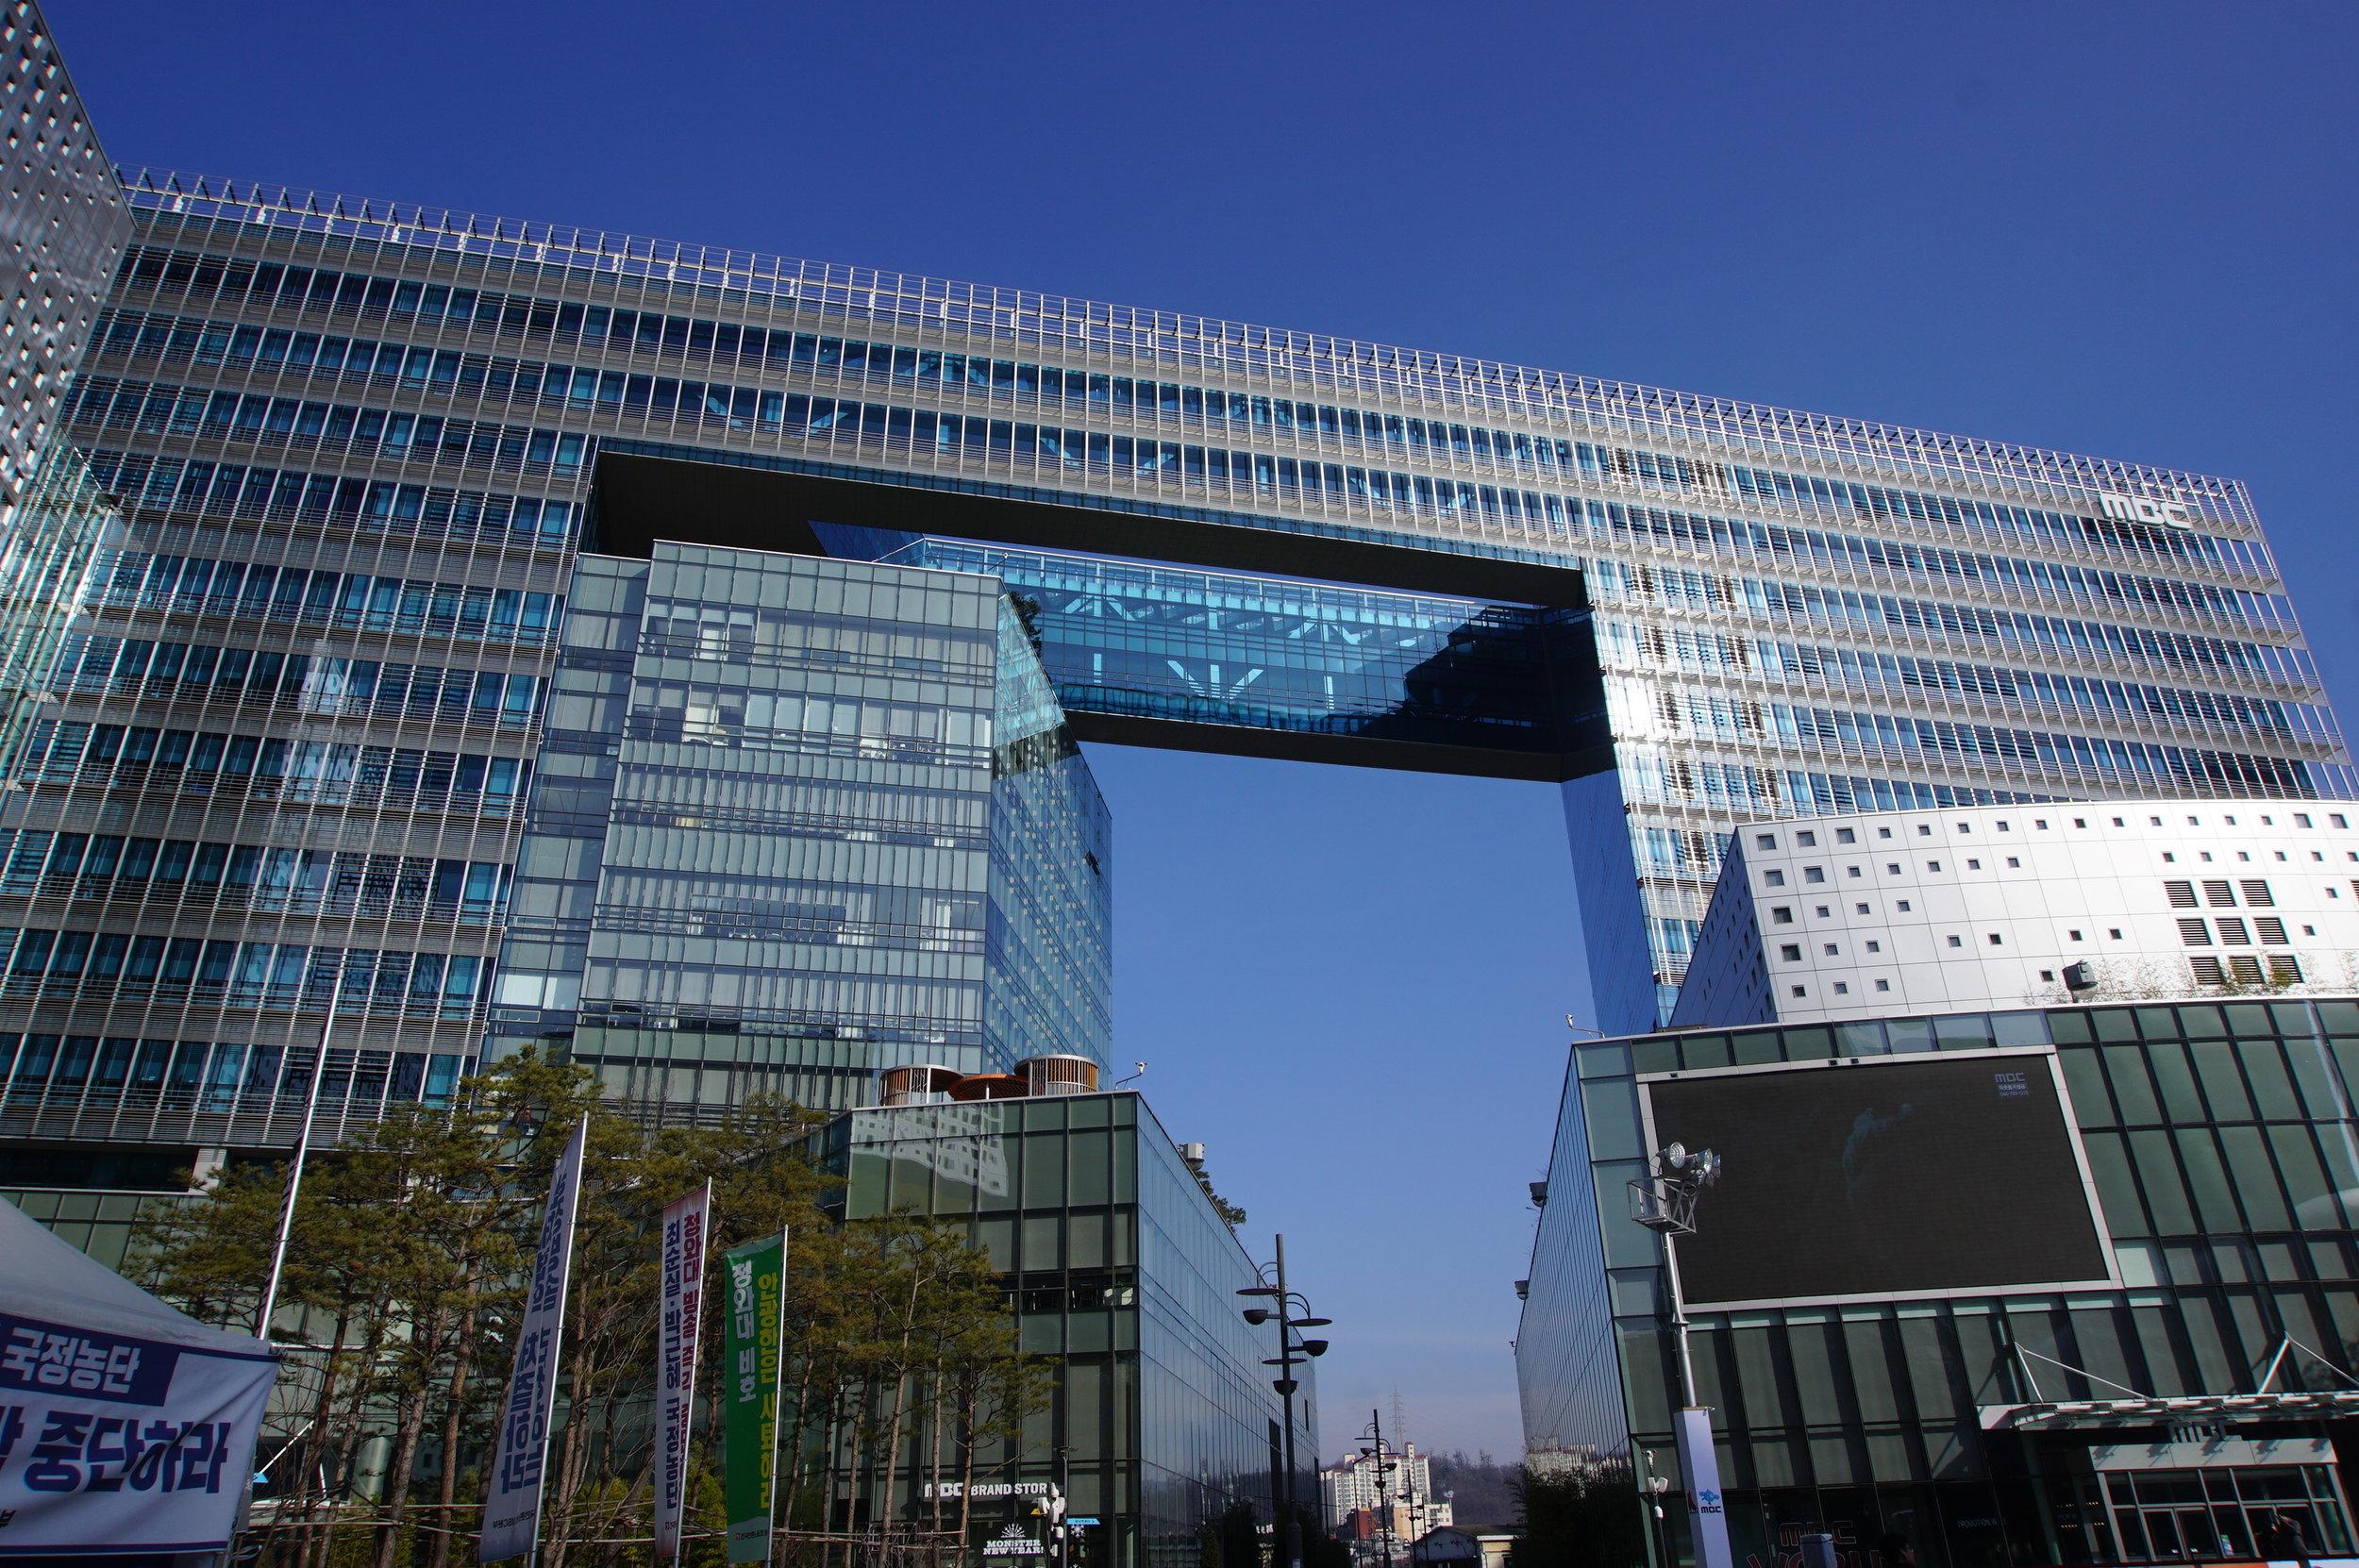 MBC Building Digital Media City